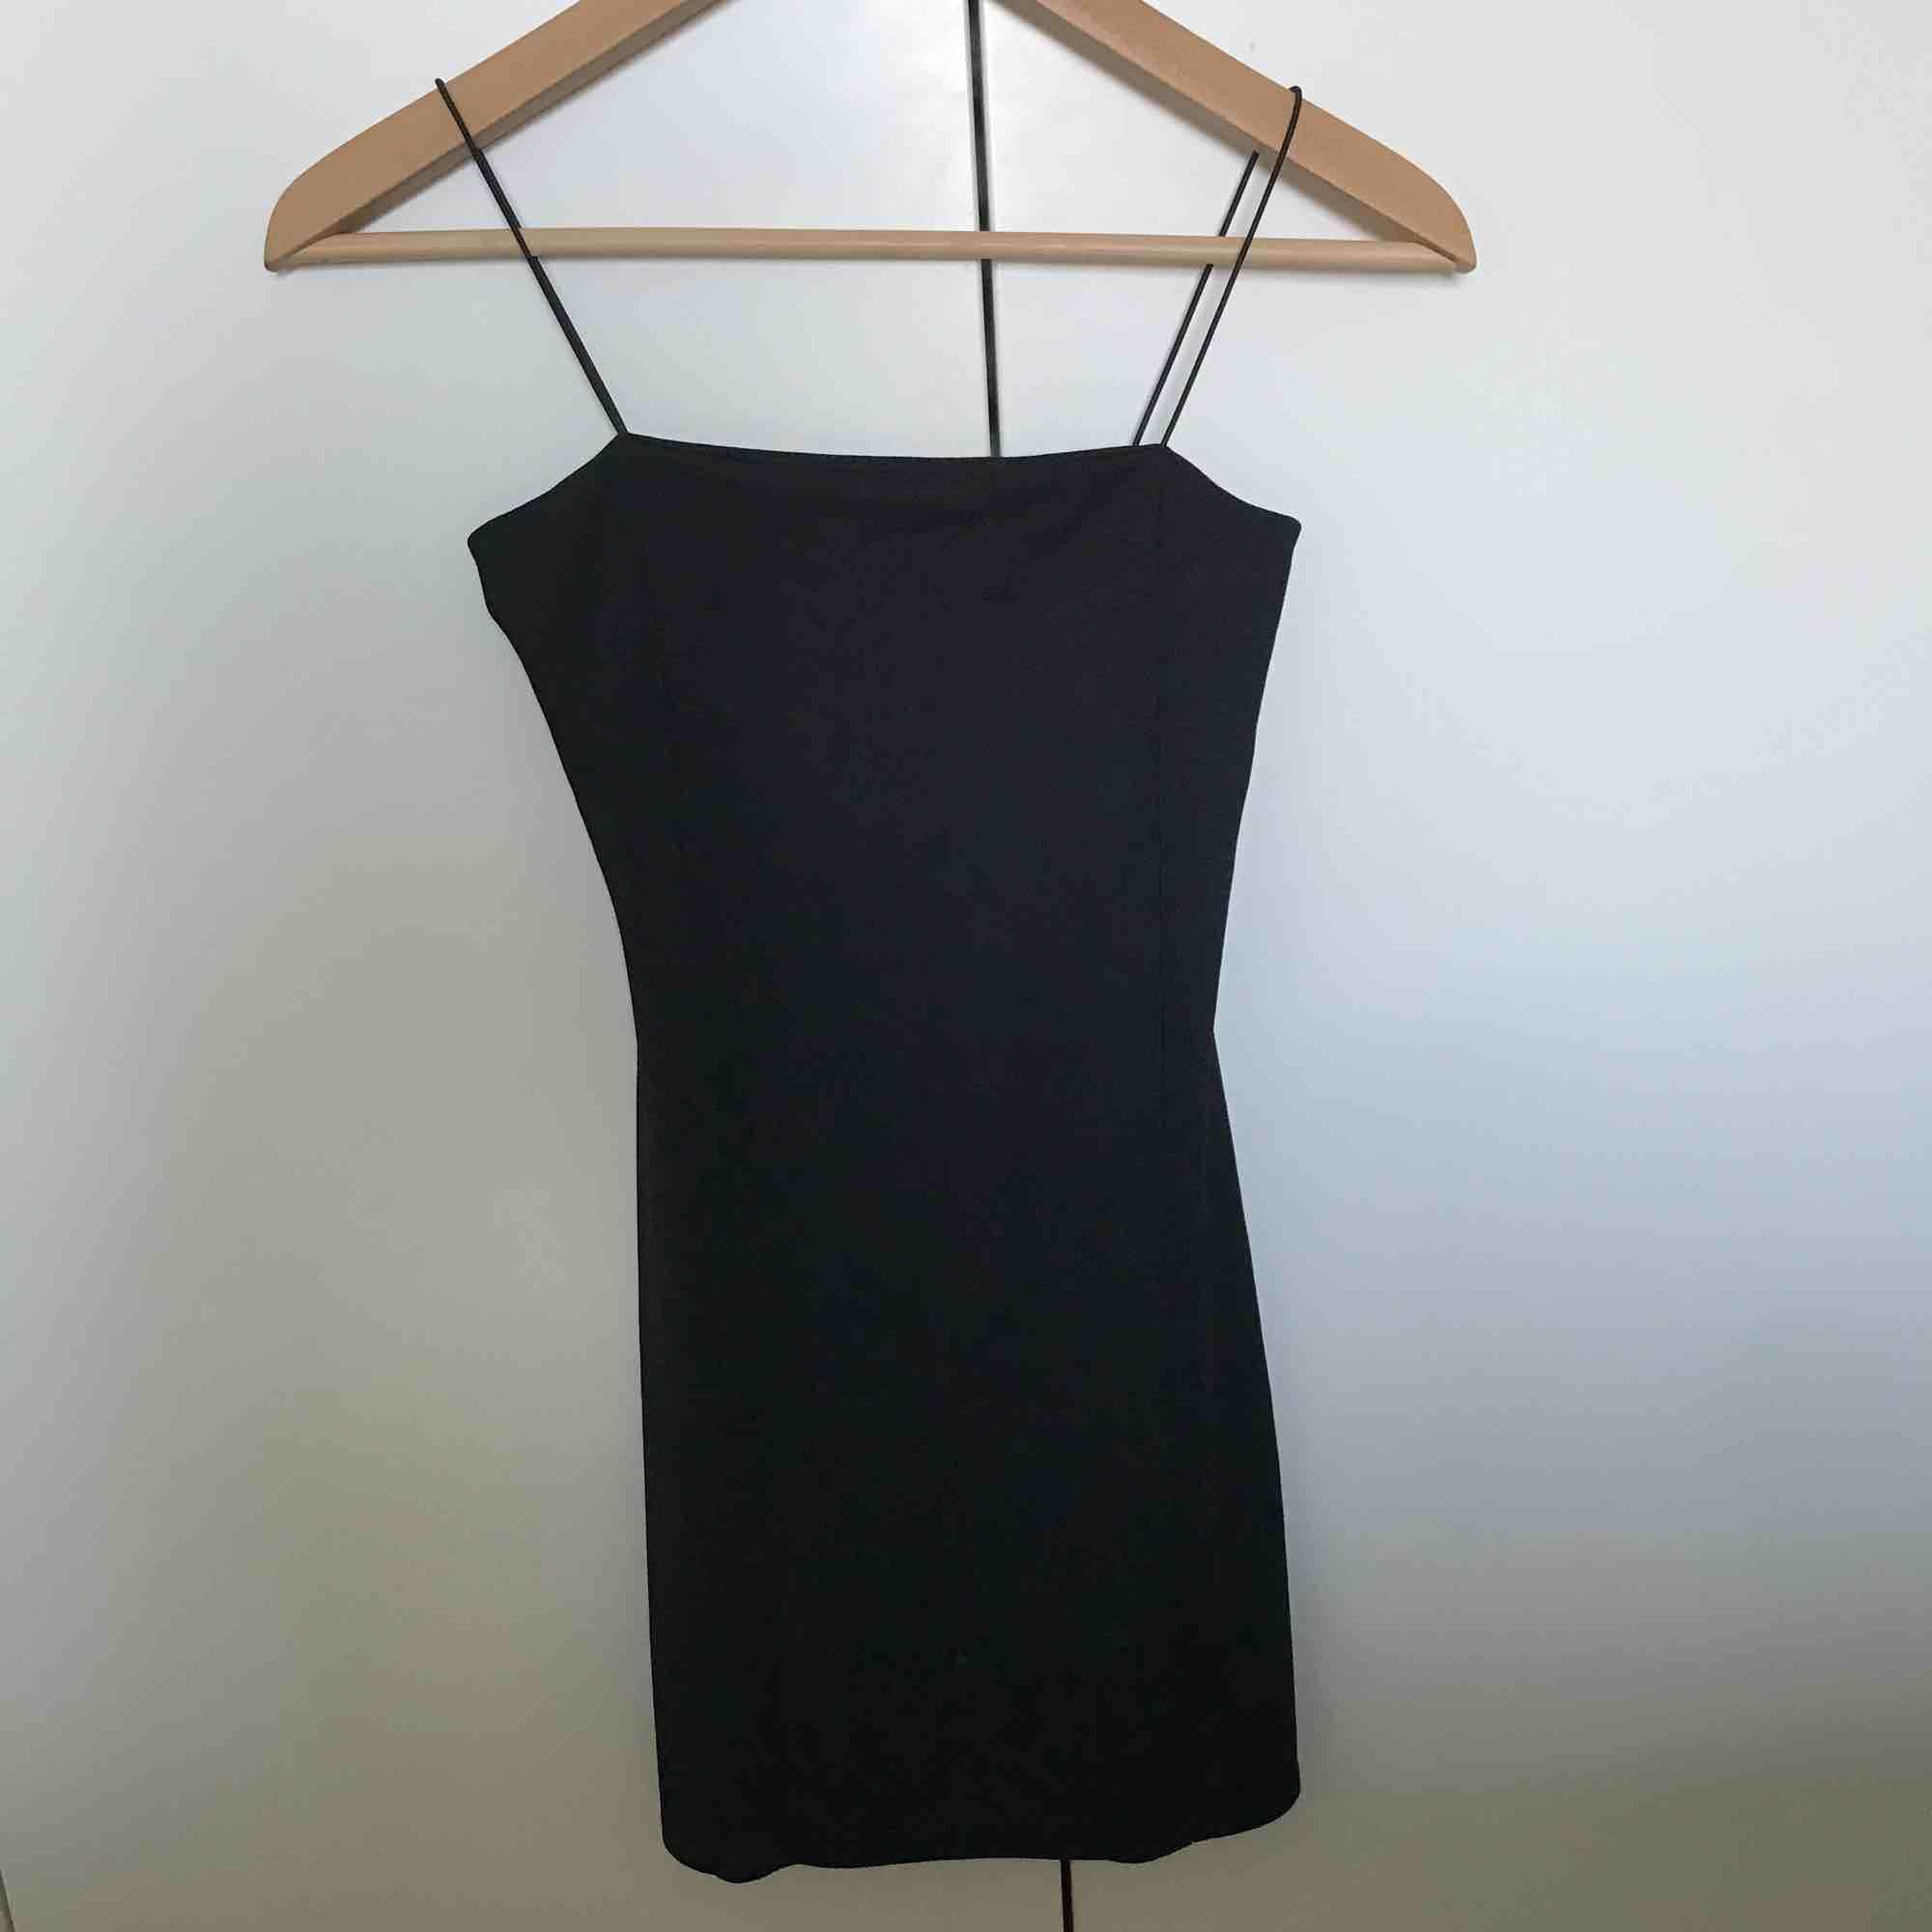 En snygg svart klänning från boohoo Använts 2 gånger Bra skock. Klänningar.